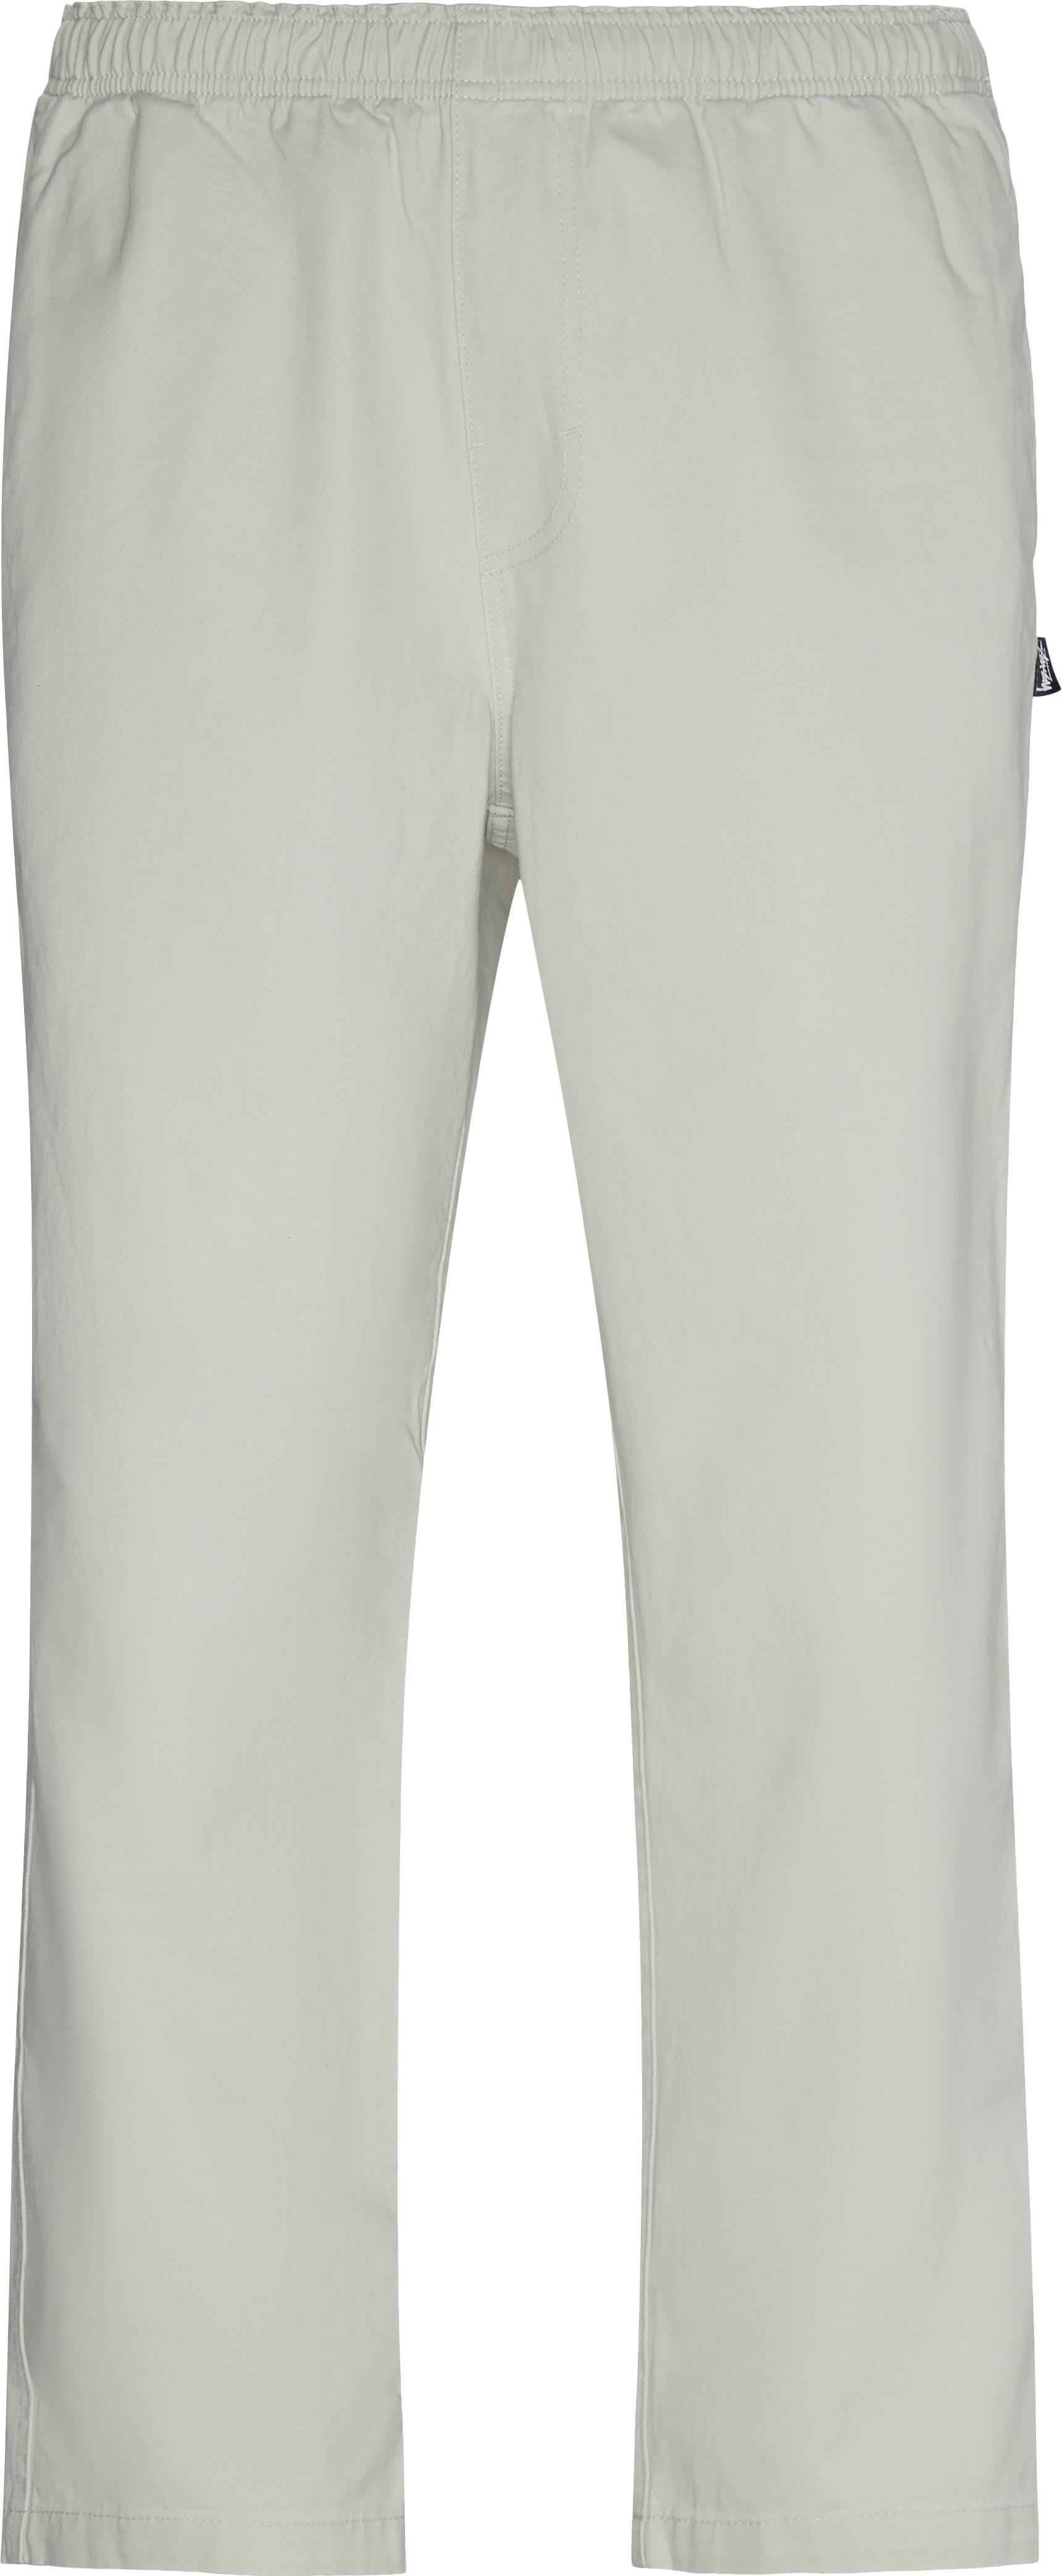 Brushed Beach Pant - Bukser - Loose fit - Hvid